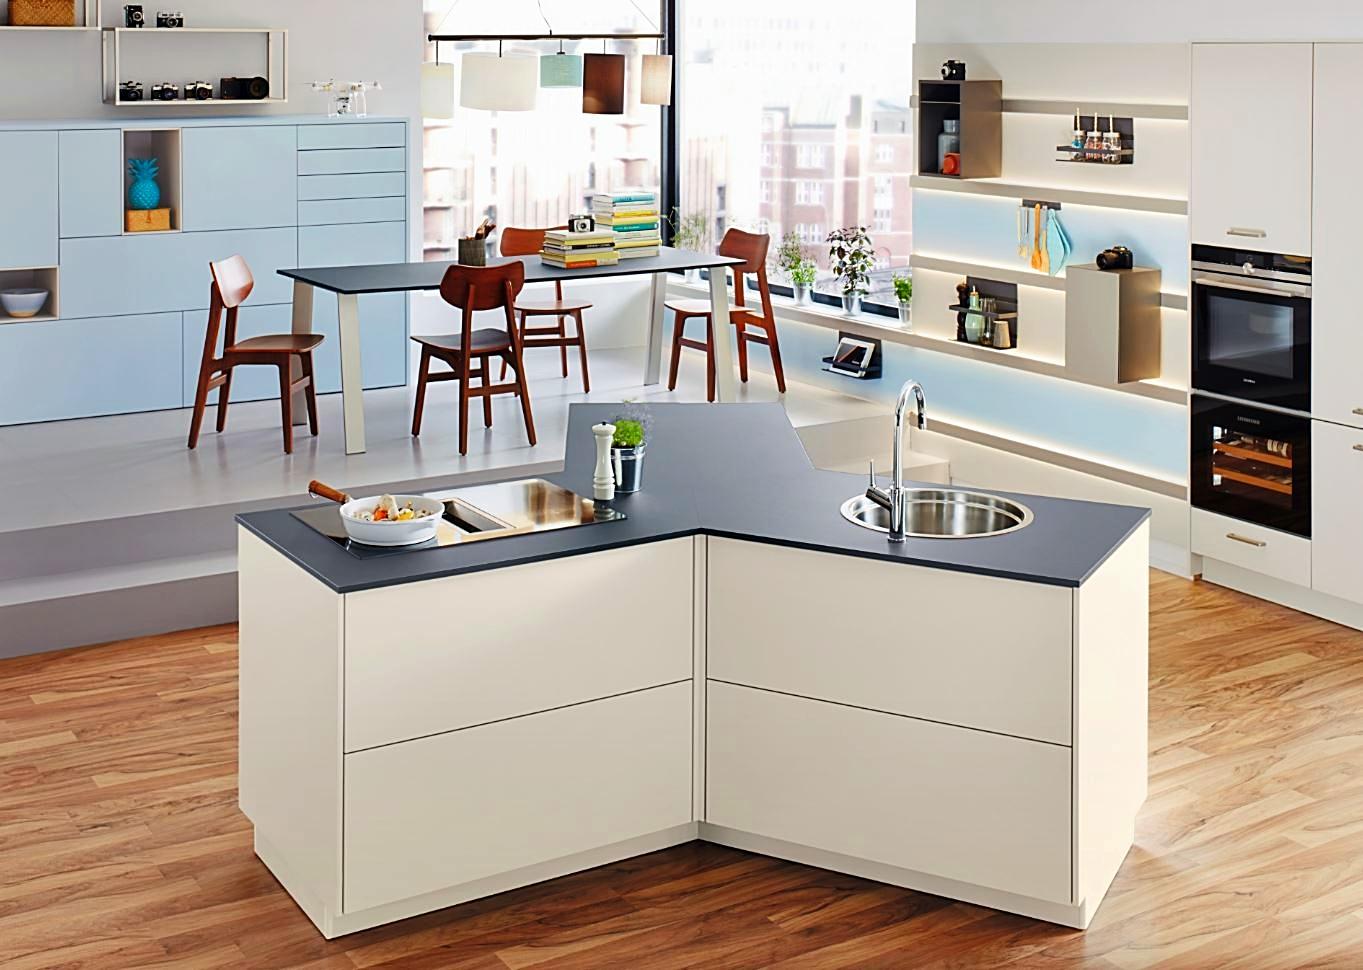 grifflose k chen grifflose k chen k chenstudio wangen im allg u. Black Bedroom Furniture Sets. Home Design Ideas